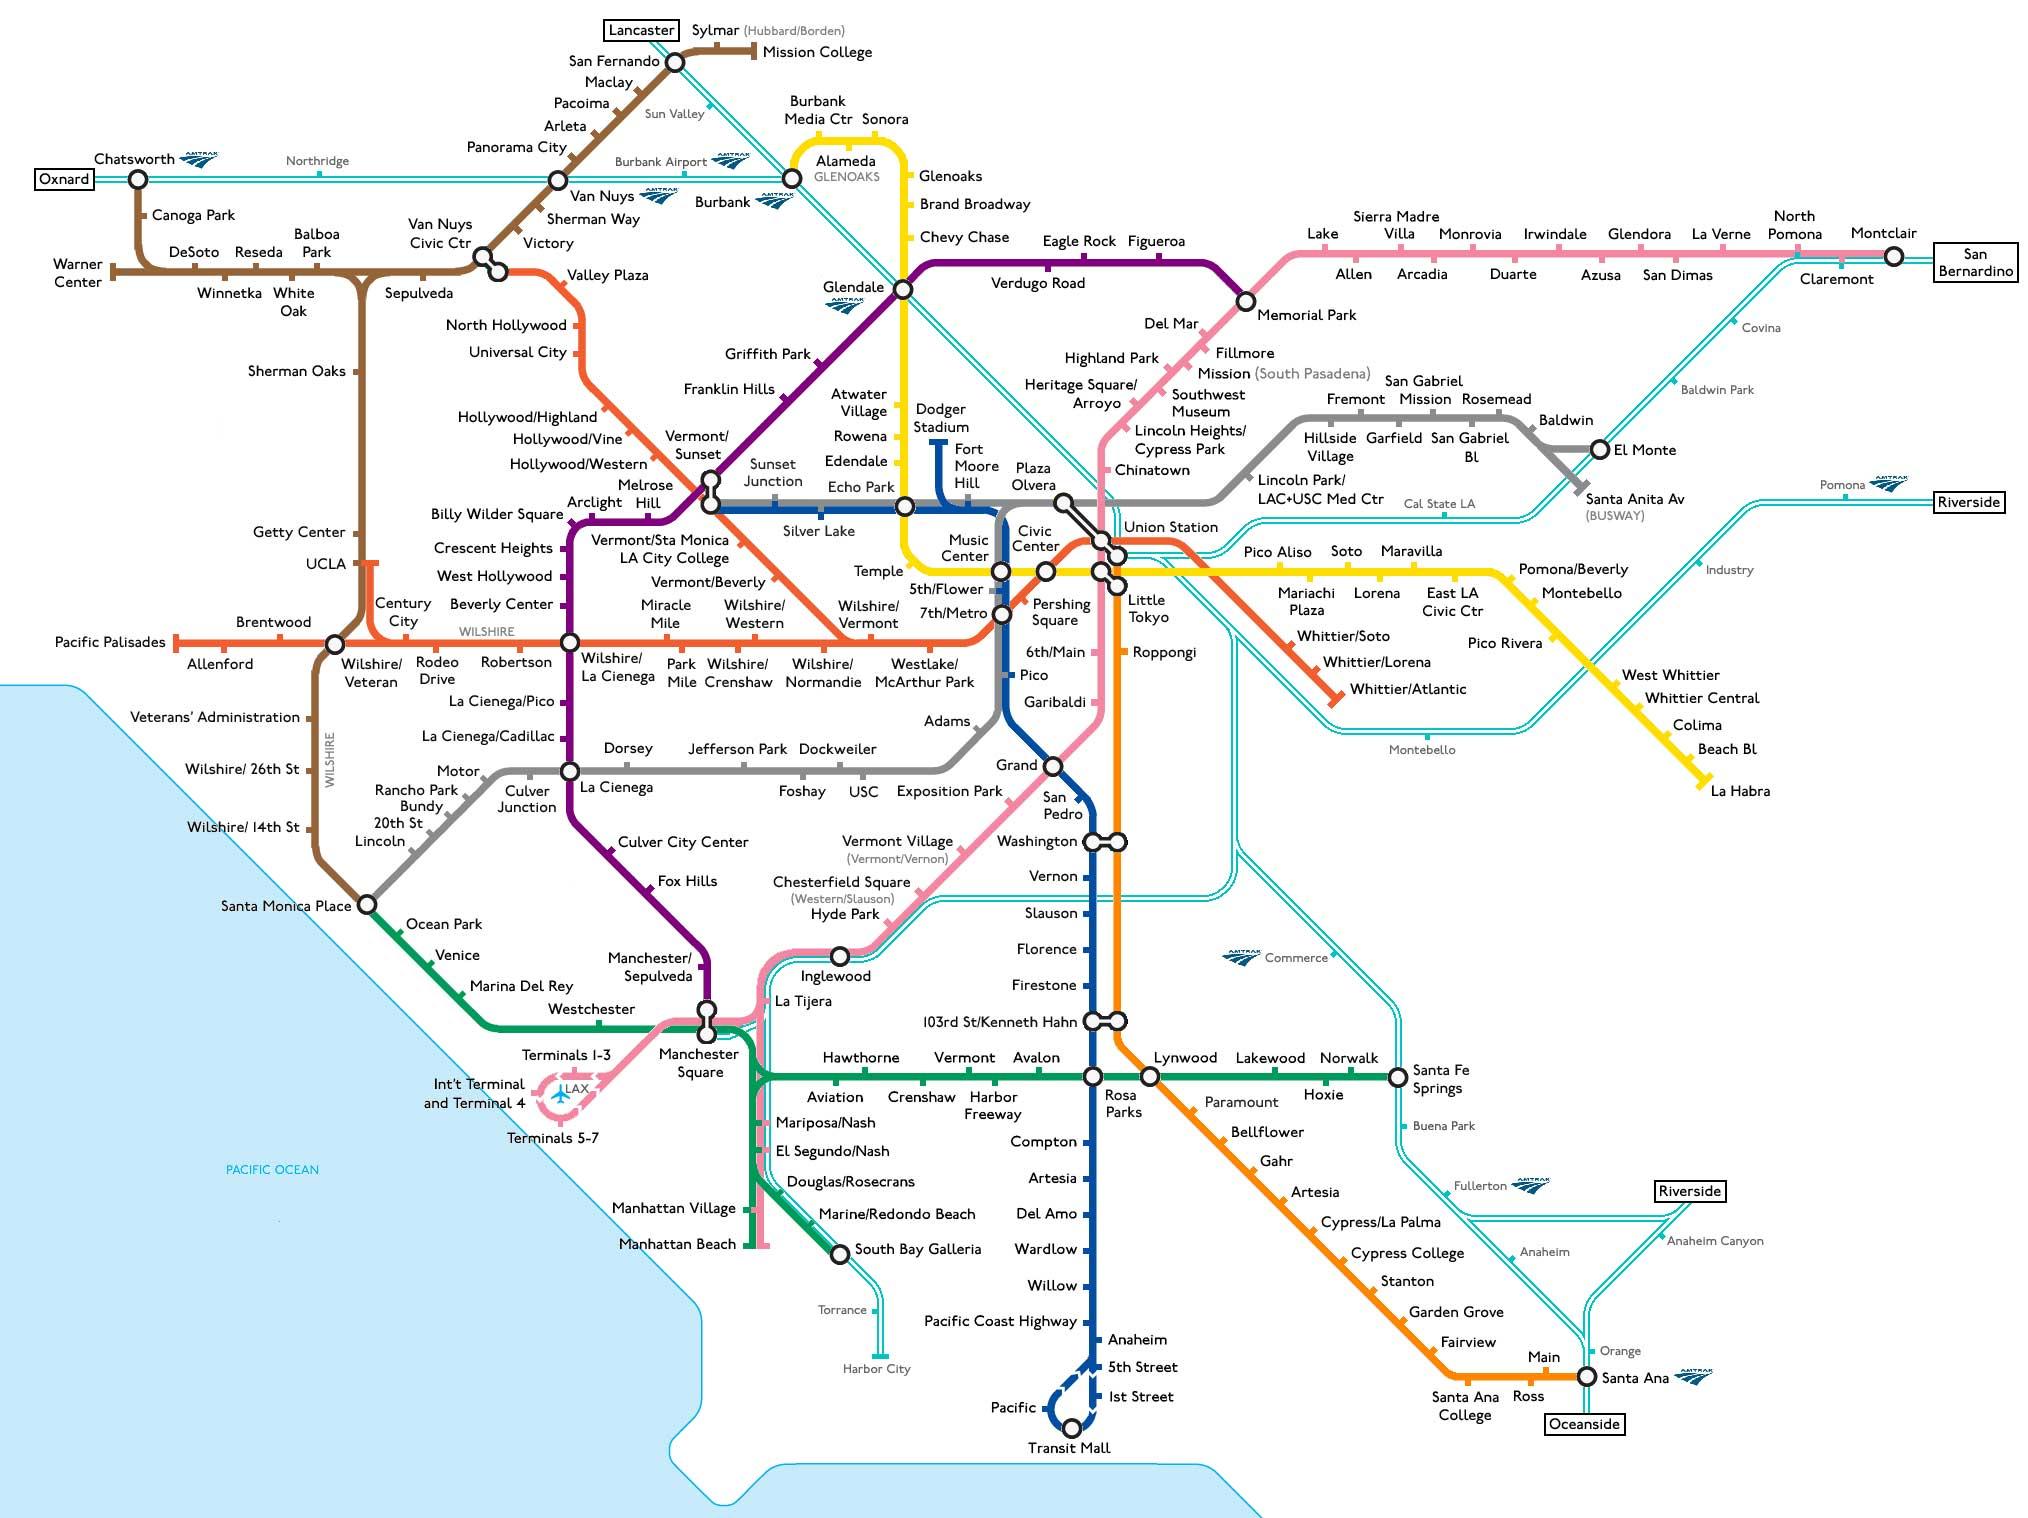 tunnelbana rom karta Kontakt | LosAngelesBiljetter.se tunnelbana rom karta